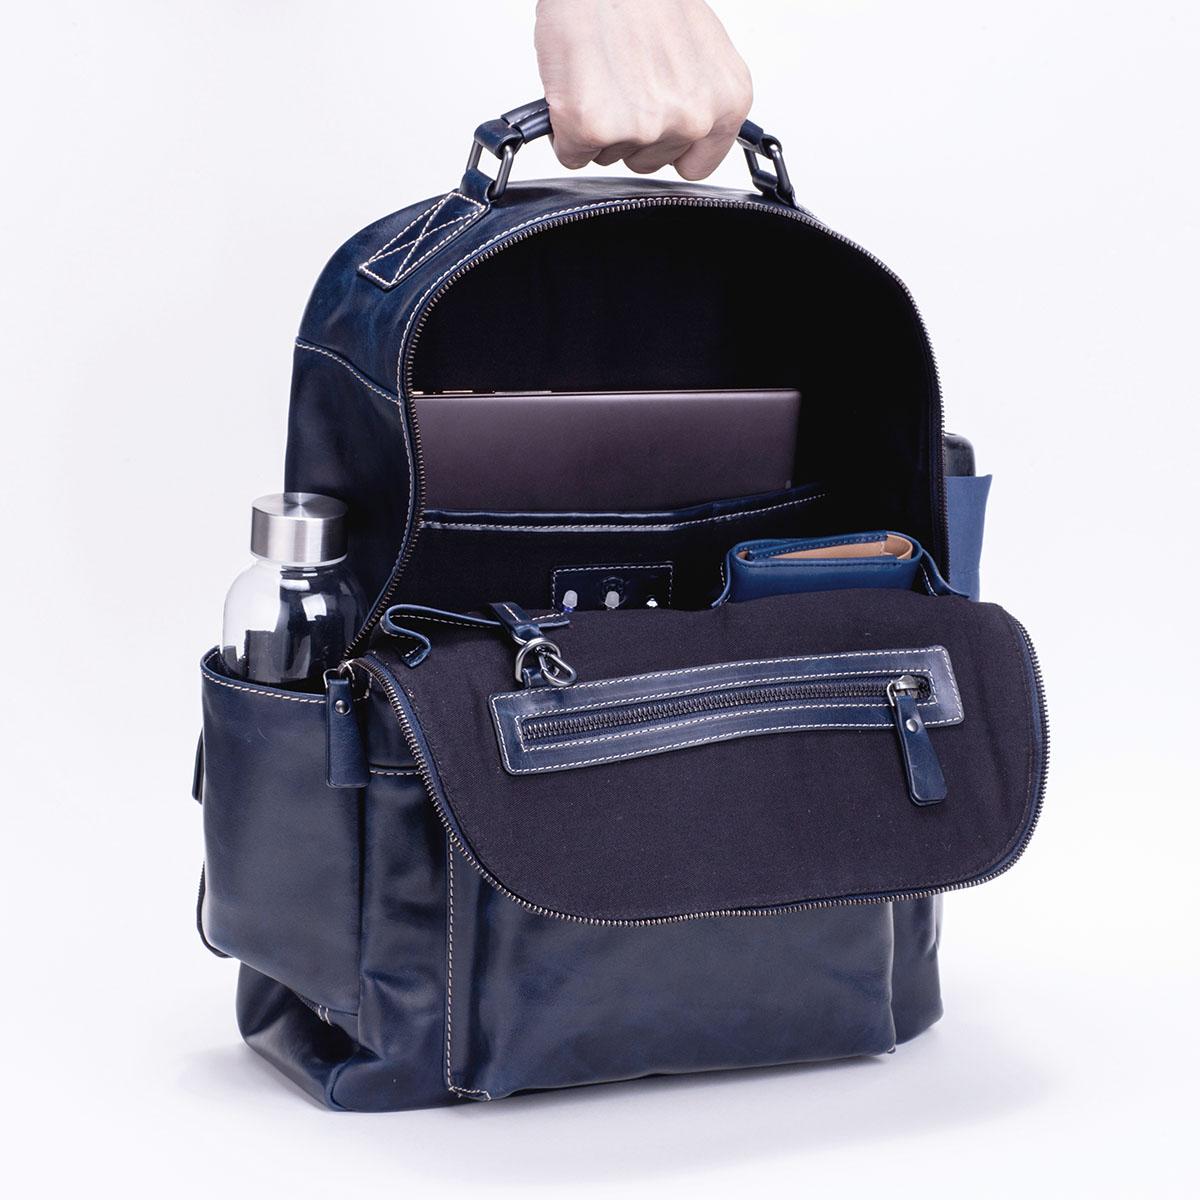 ビジネスレザーリュック メンズ DESMOND-II デスモンド2 ネイビー 紺